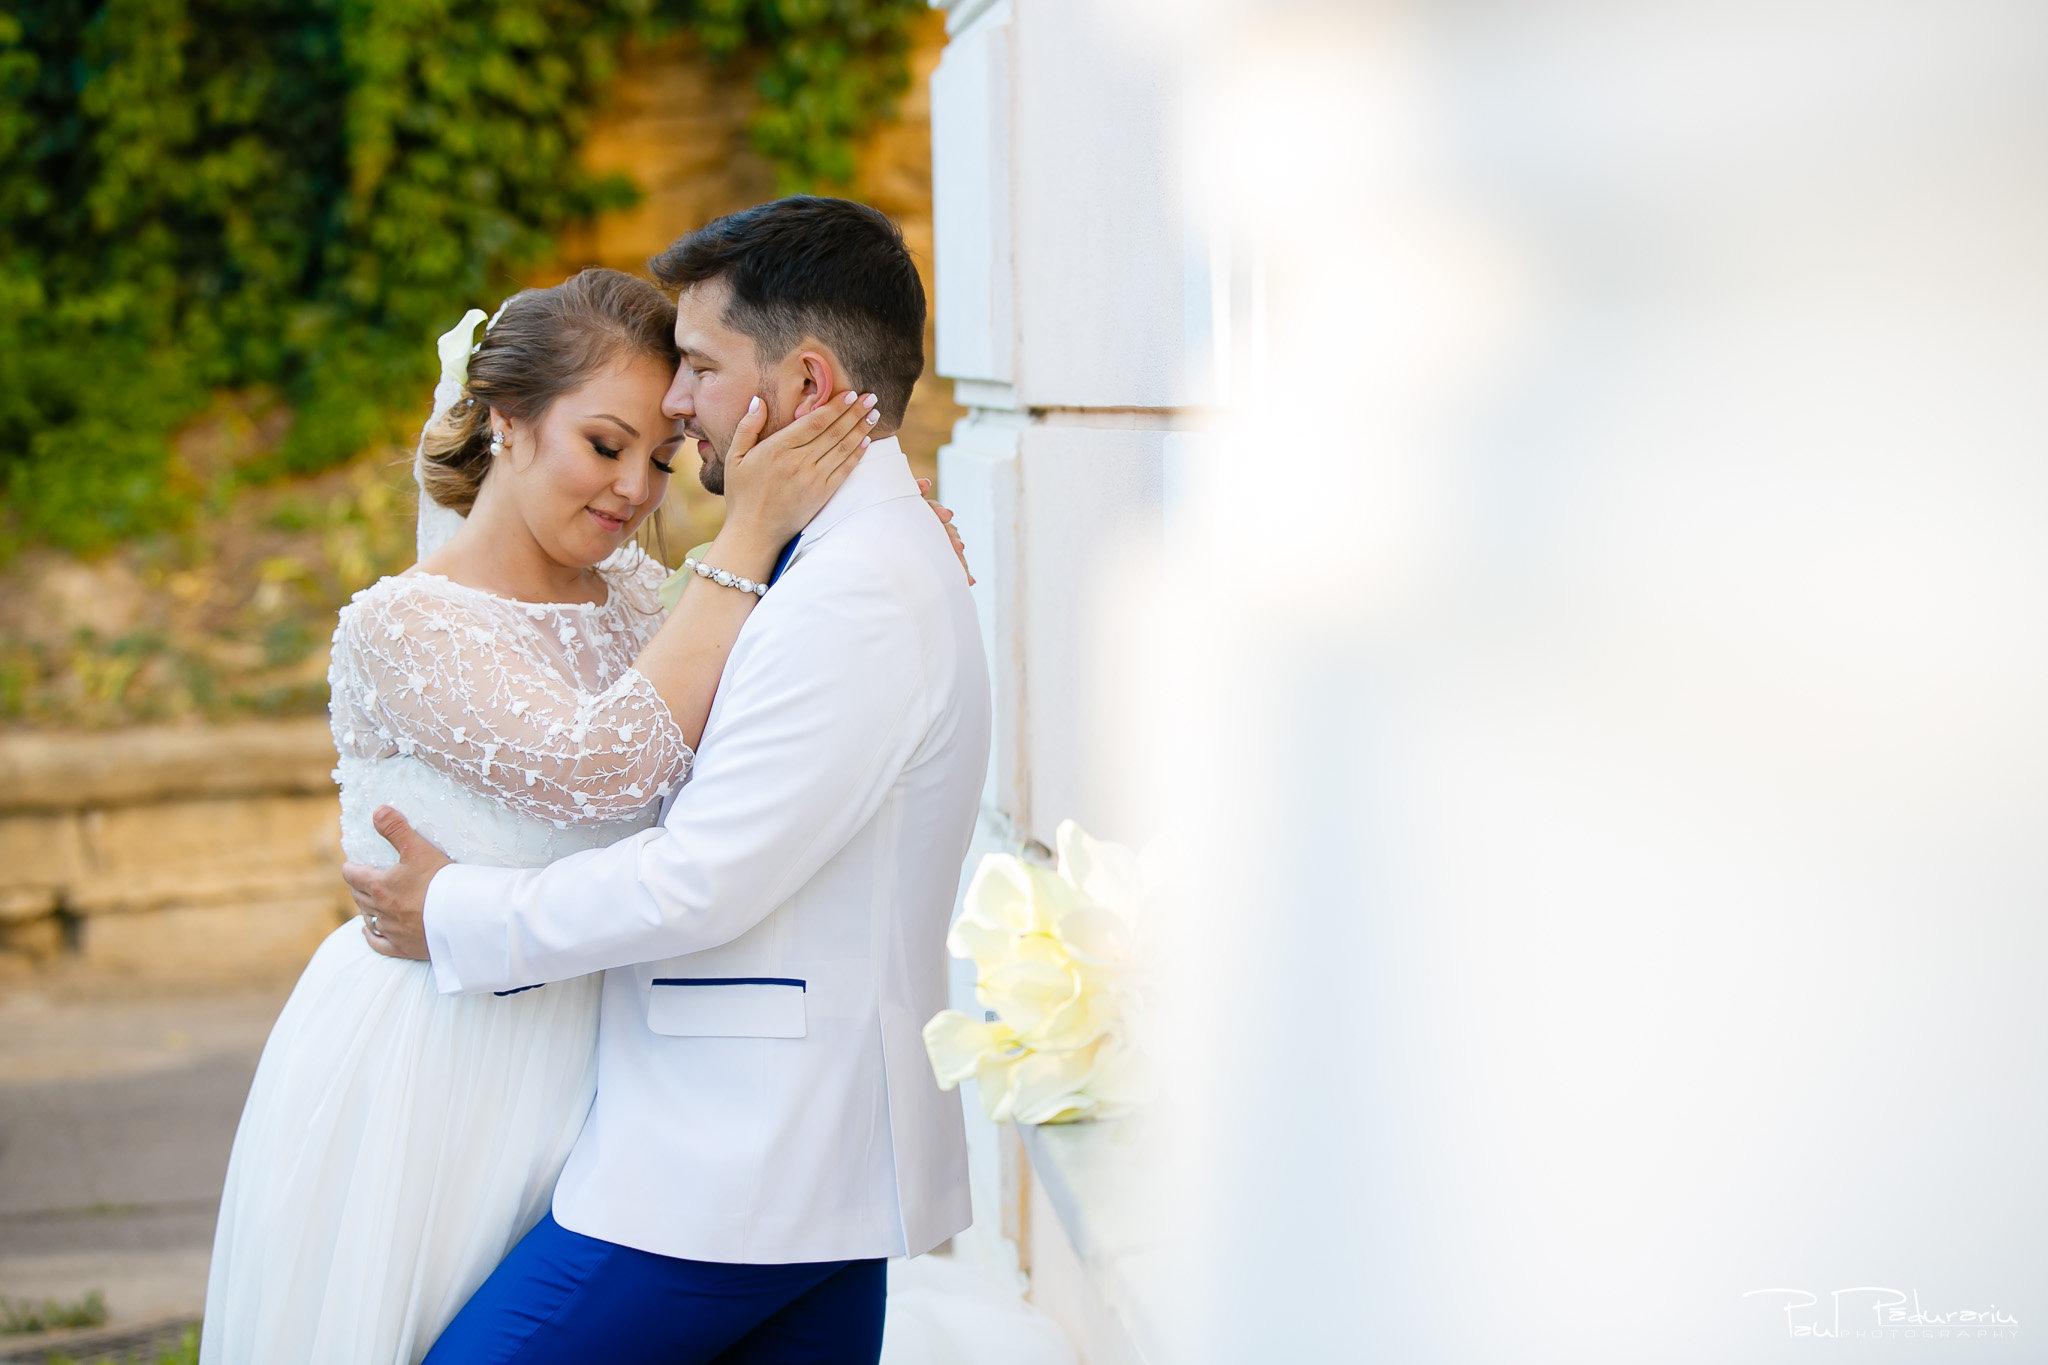 Sedinta foto nunta Ema si Tudor fotograf profesionist de nunta iasi www.paulpadurariu.ro © 2017 Paul Padurariu cadru romantic mire mireasa